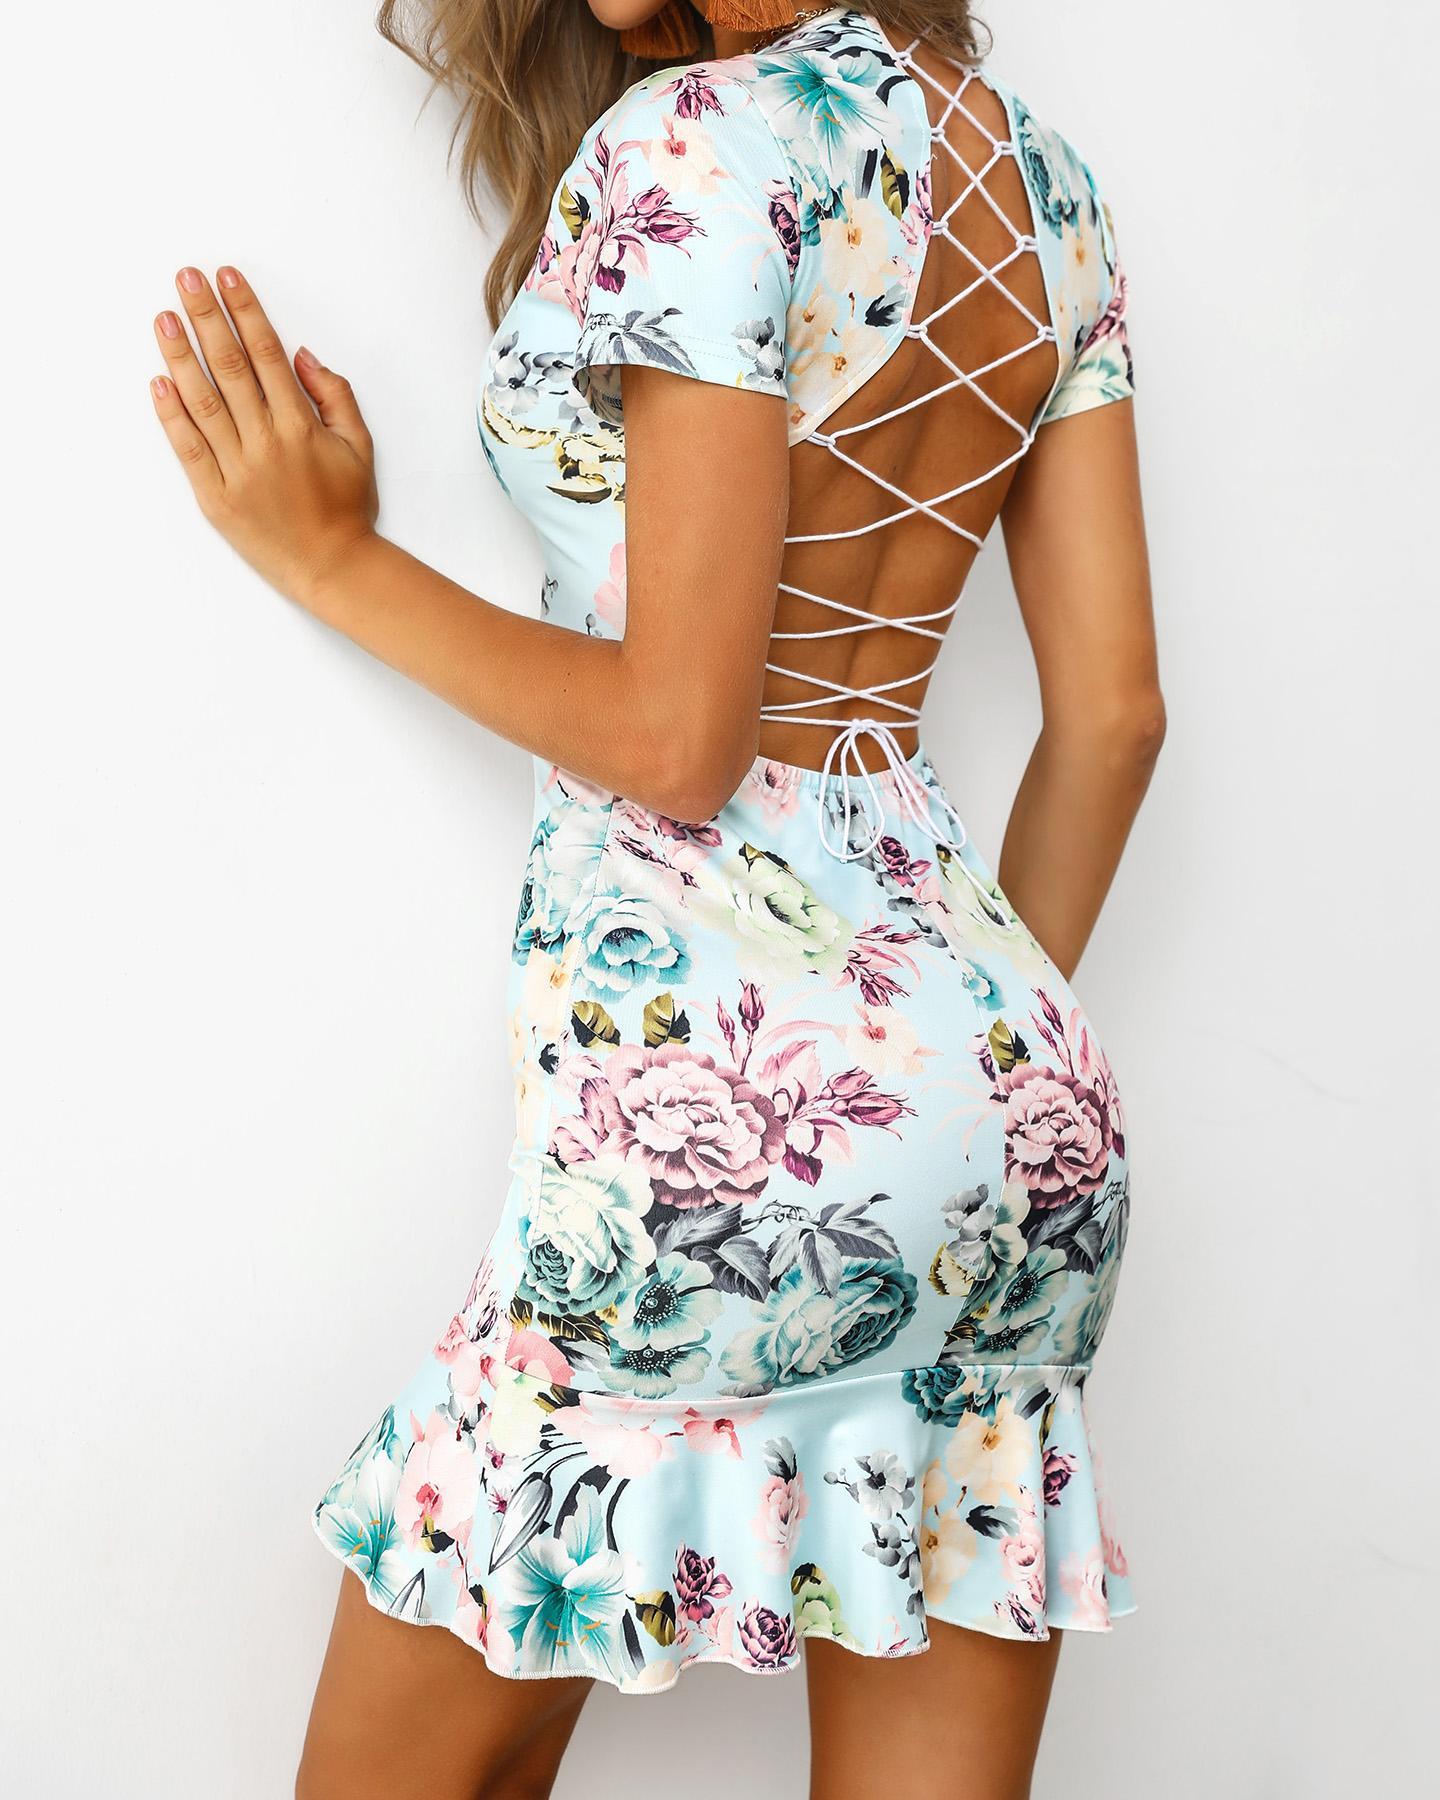 Lace-Up Back Ruffles Print Dress фото